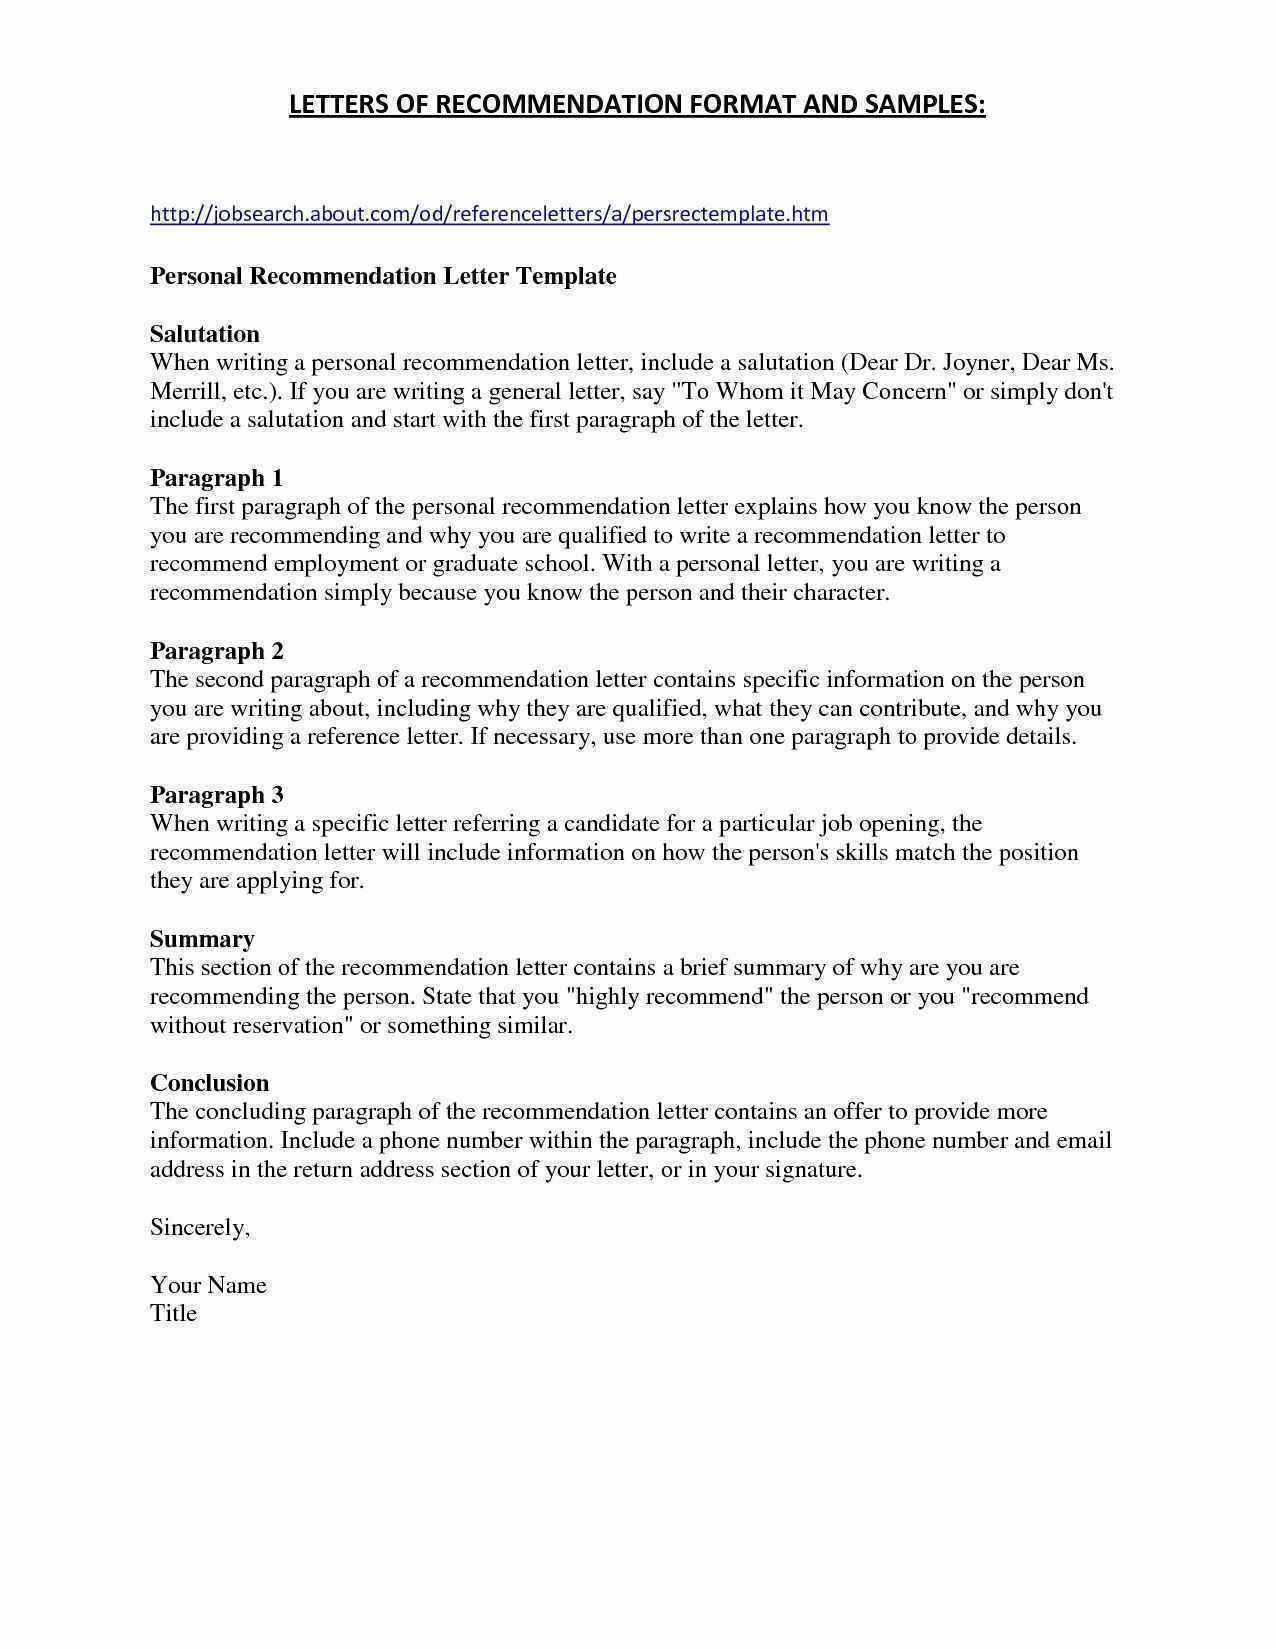 Resume Format Bullet Points